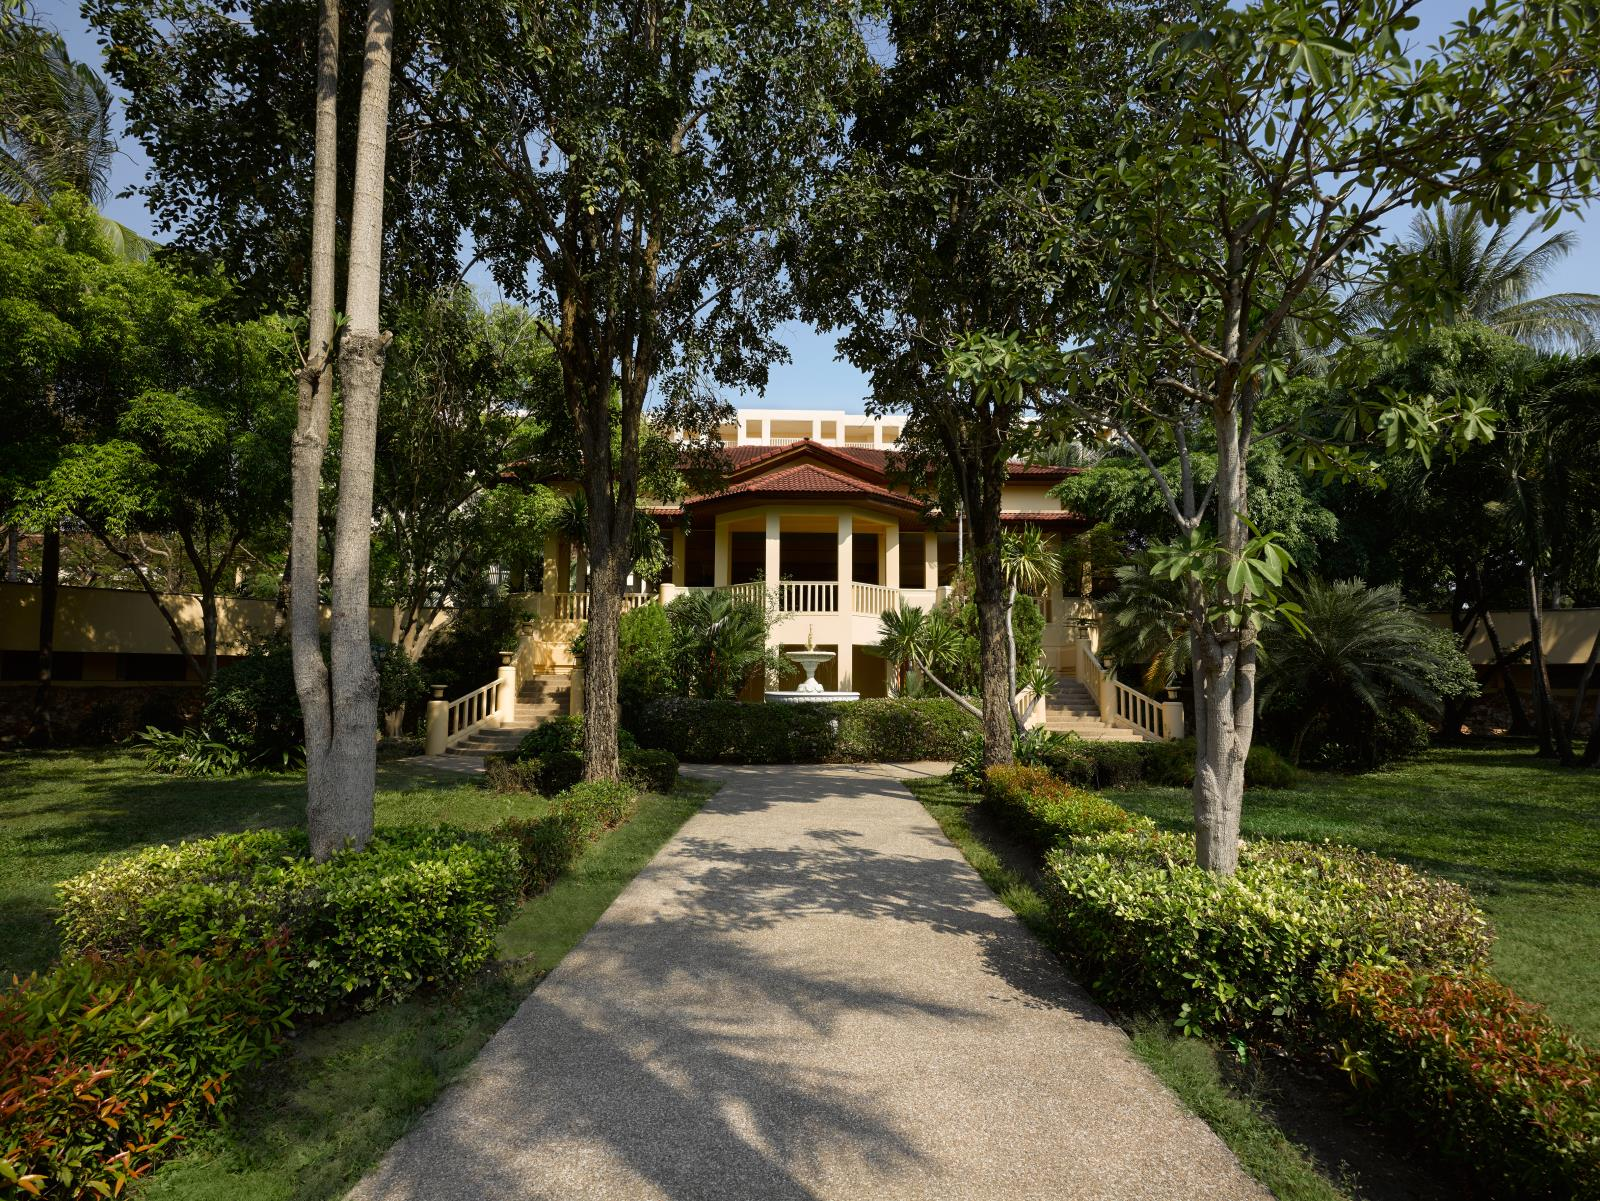 โรงแรมดุสิตธานี หัวหิน (Dusit Thani Hua Hin)